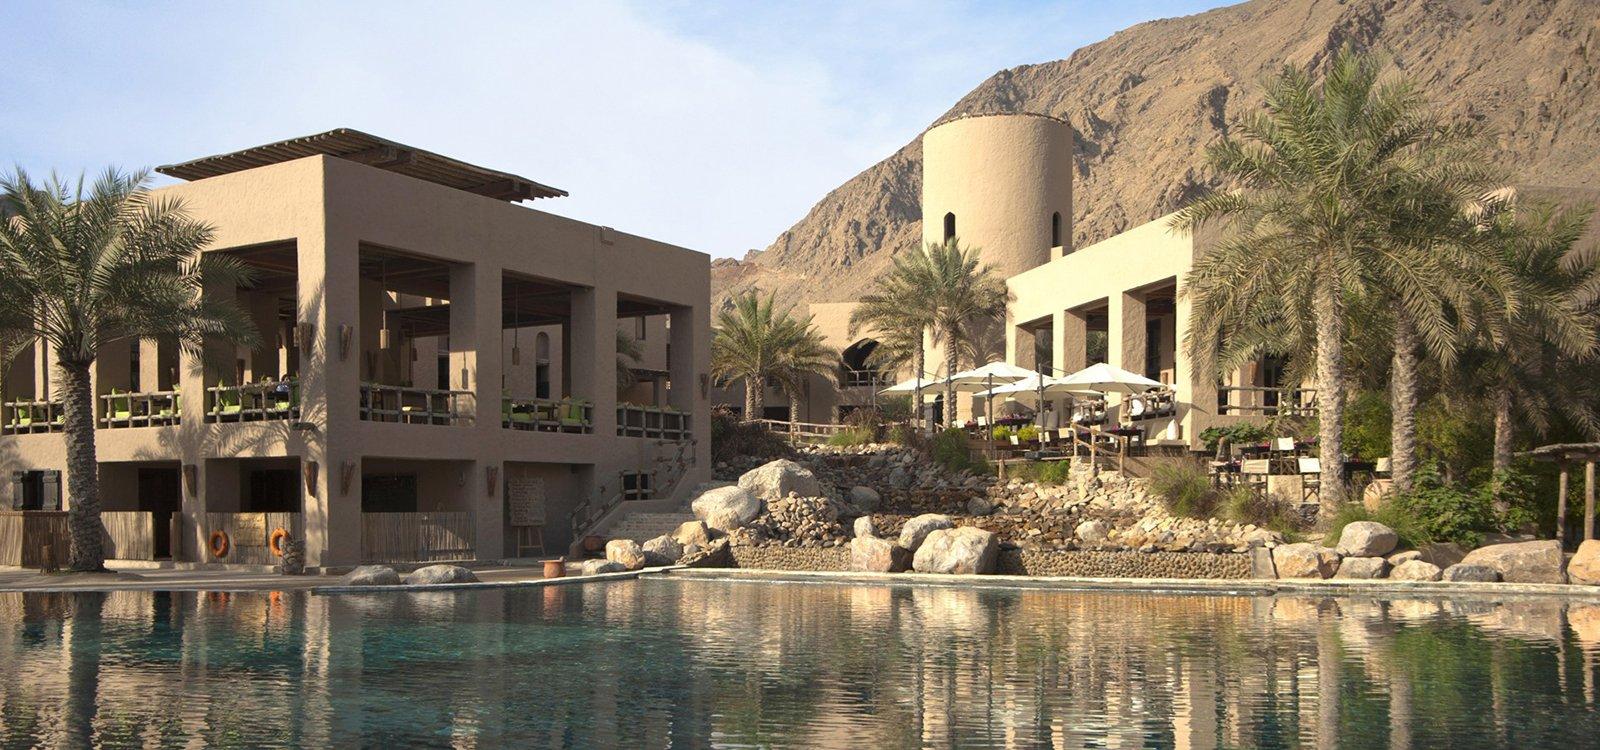 Six Senses Zighy Bay Resort, un oasis de relax paradisíaco en Oriente Medio